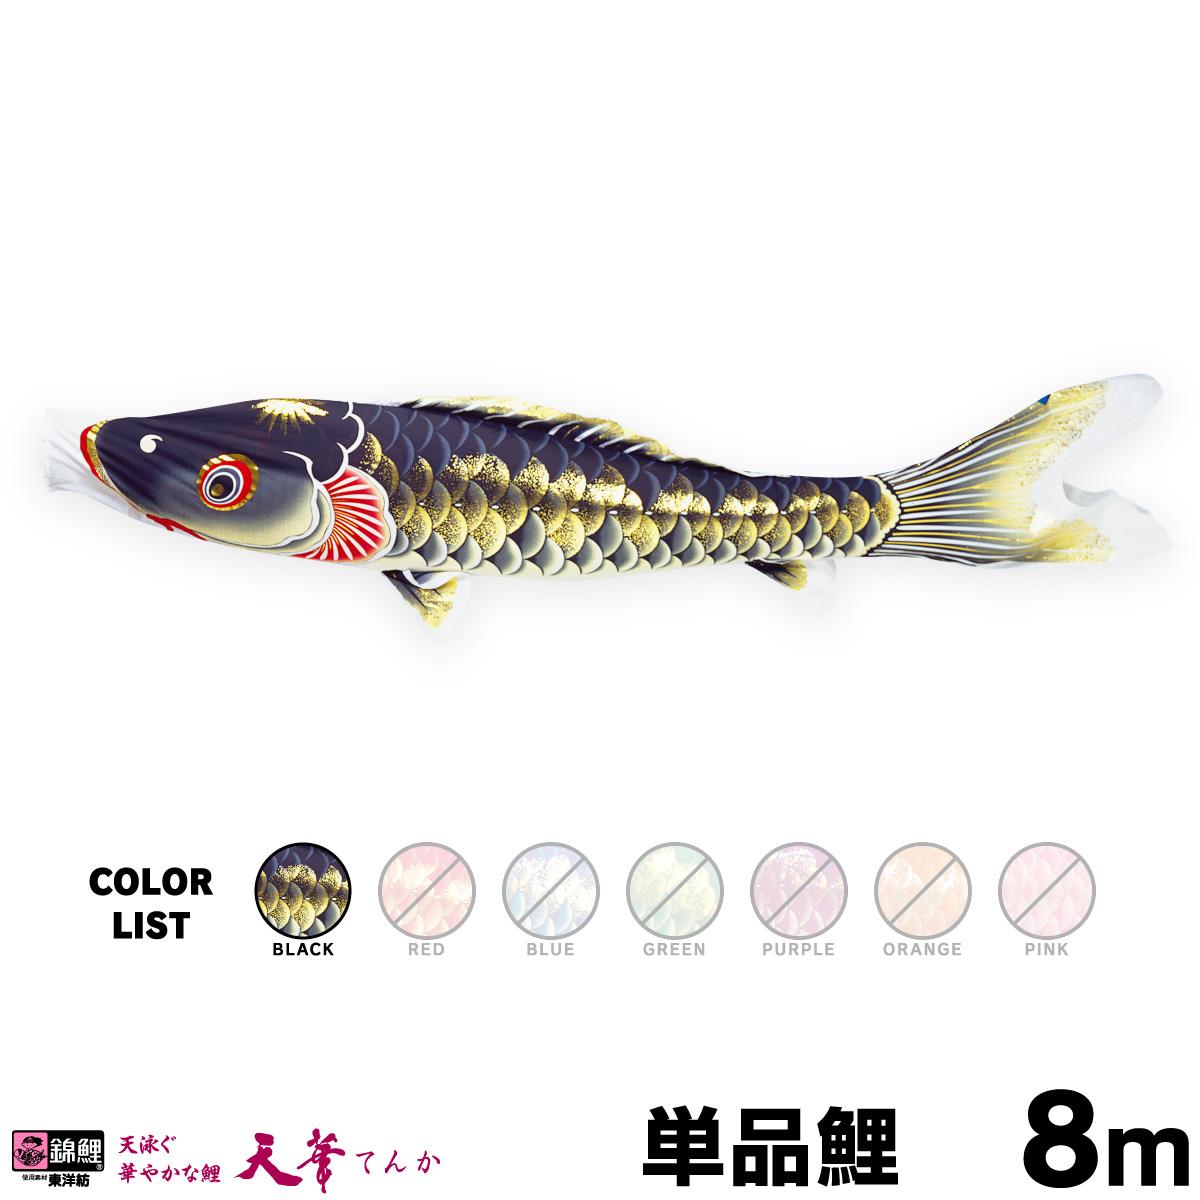 【こいのぼり 単品】 天華鯉 8m 単品鯉